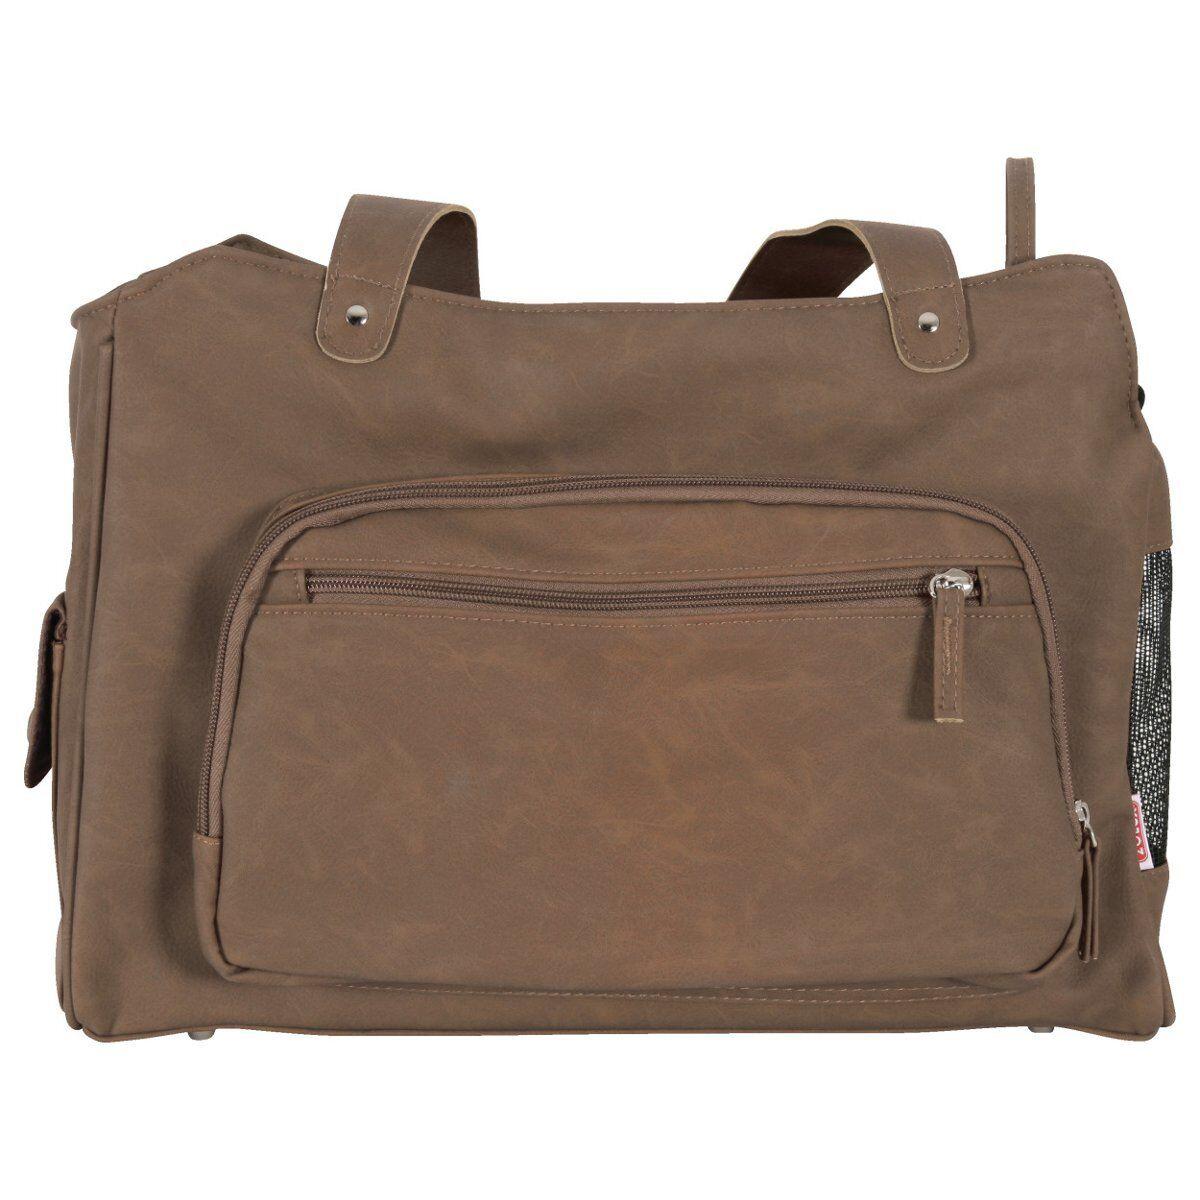 Zolux Transporttasche 5th Avenue für Hunde - taupe - S Hundetransport Tasche